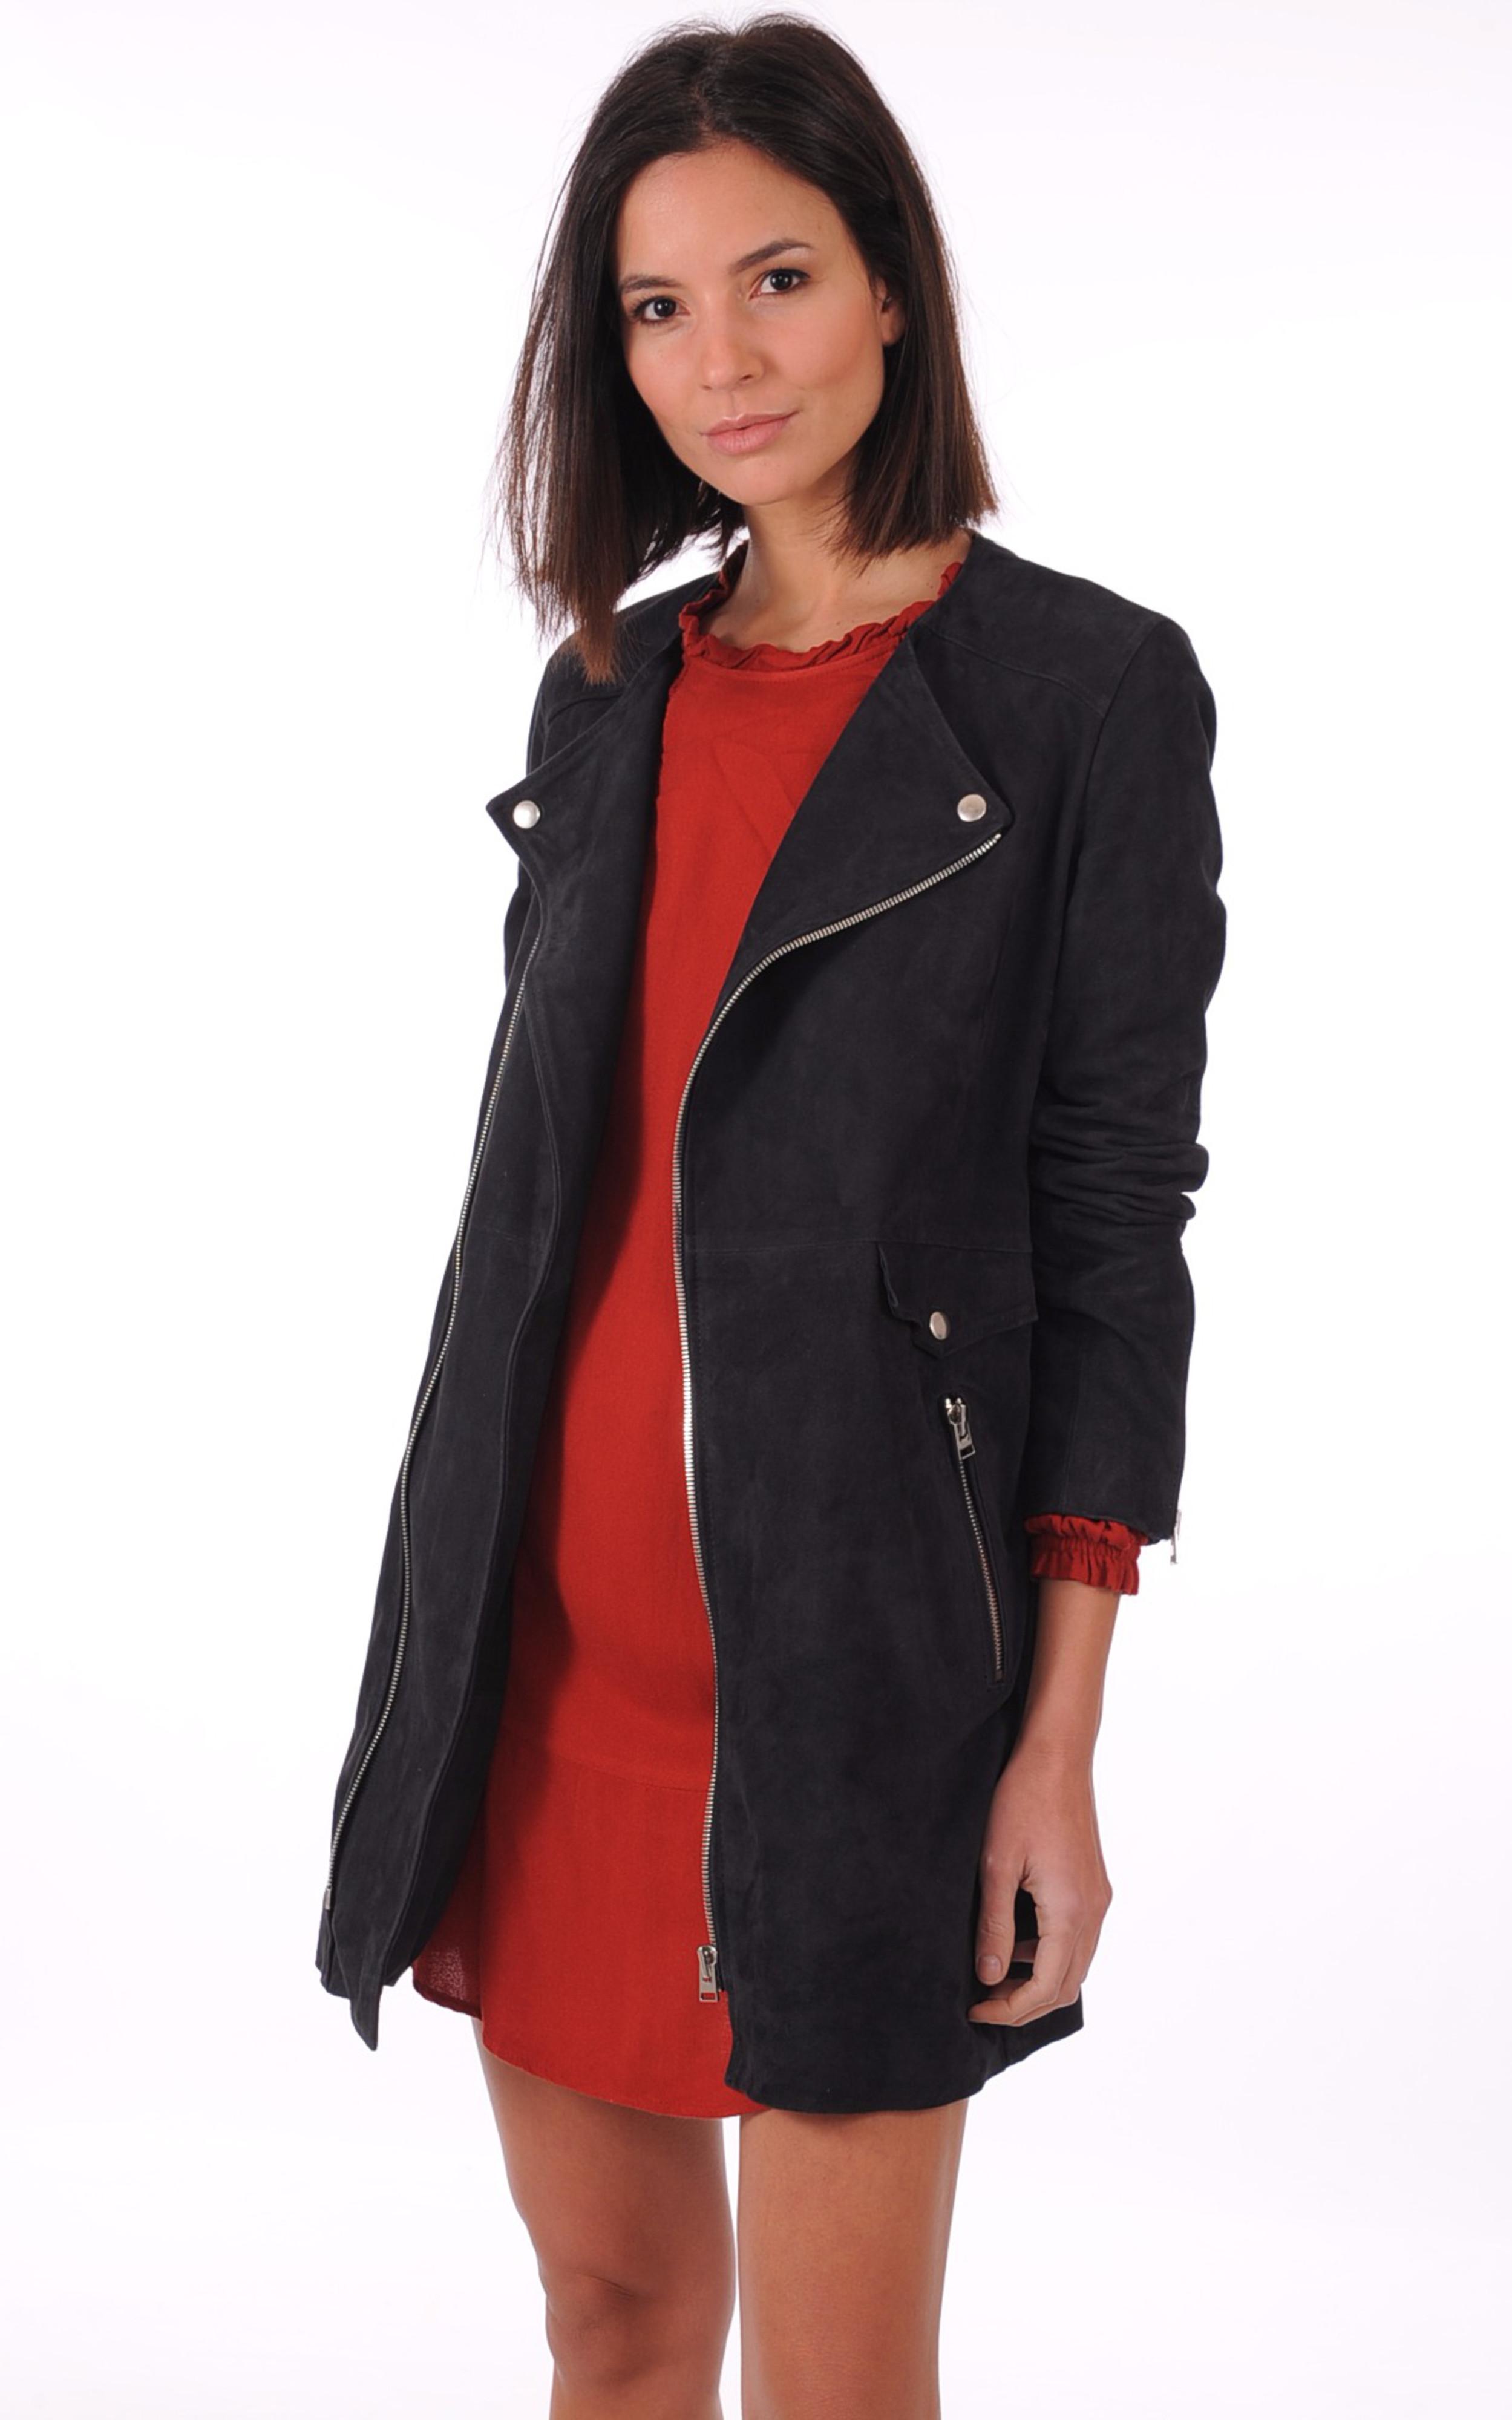 veste 3 4 femme daim femme vestes en cuir veste a manches 3 4 effet daim manteau manches 3 4 aspect. Black Bedroom Furniture Sets. Home Design Ideas